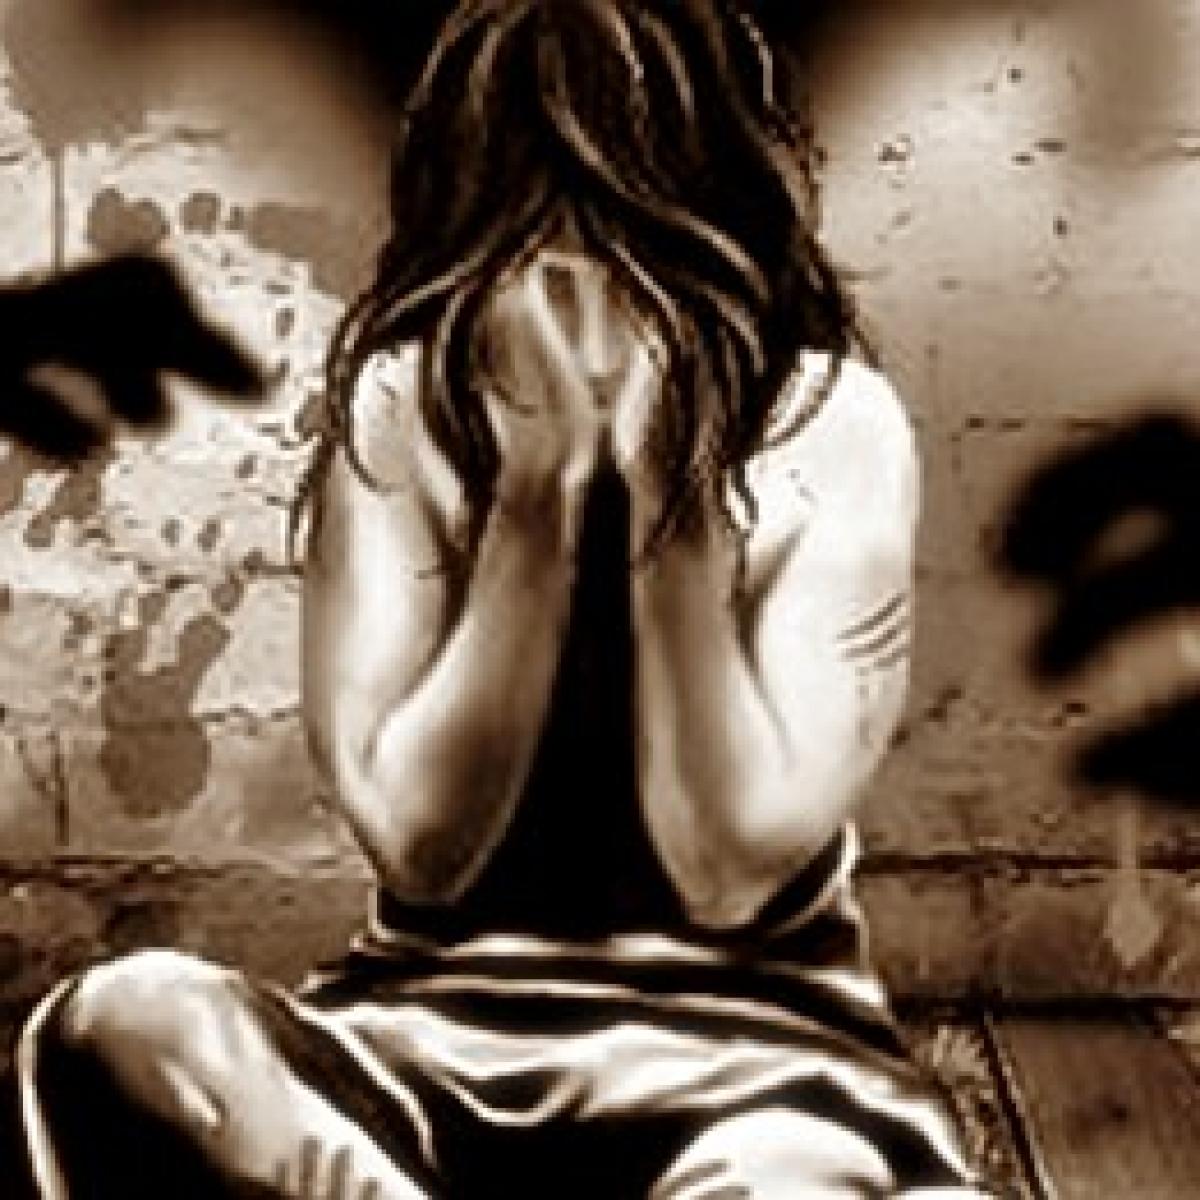 Mumbai Crime Watch: Man booked for raping 15-year-old neighbour in Kalyan